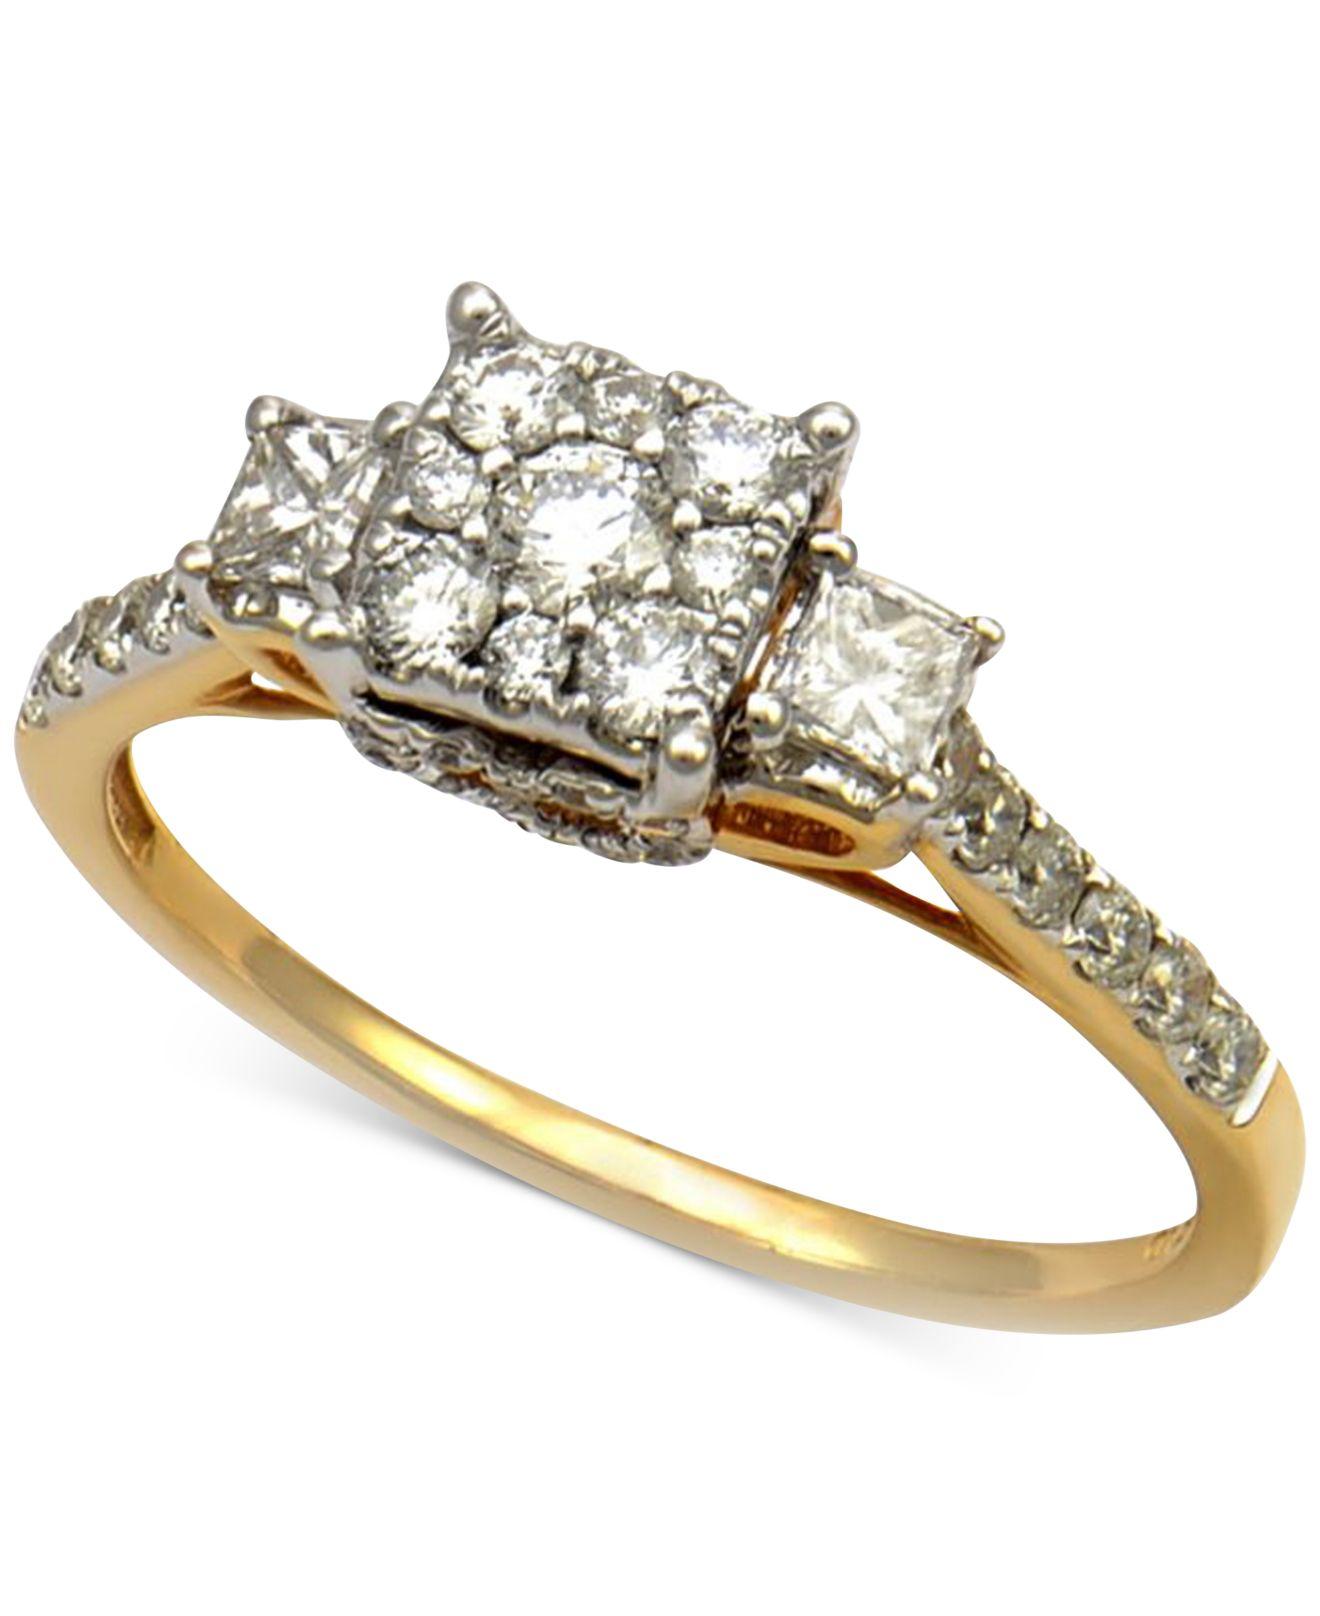 Macy s Diamond Three Stone Engagement Ring 7 8 Ct T w In 14k Yellow G